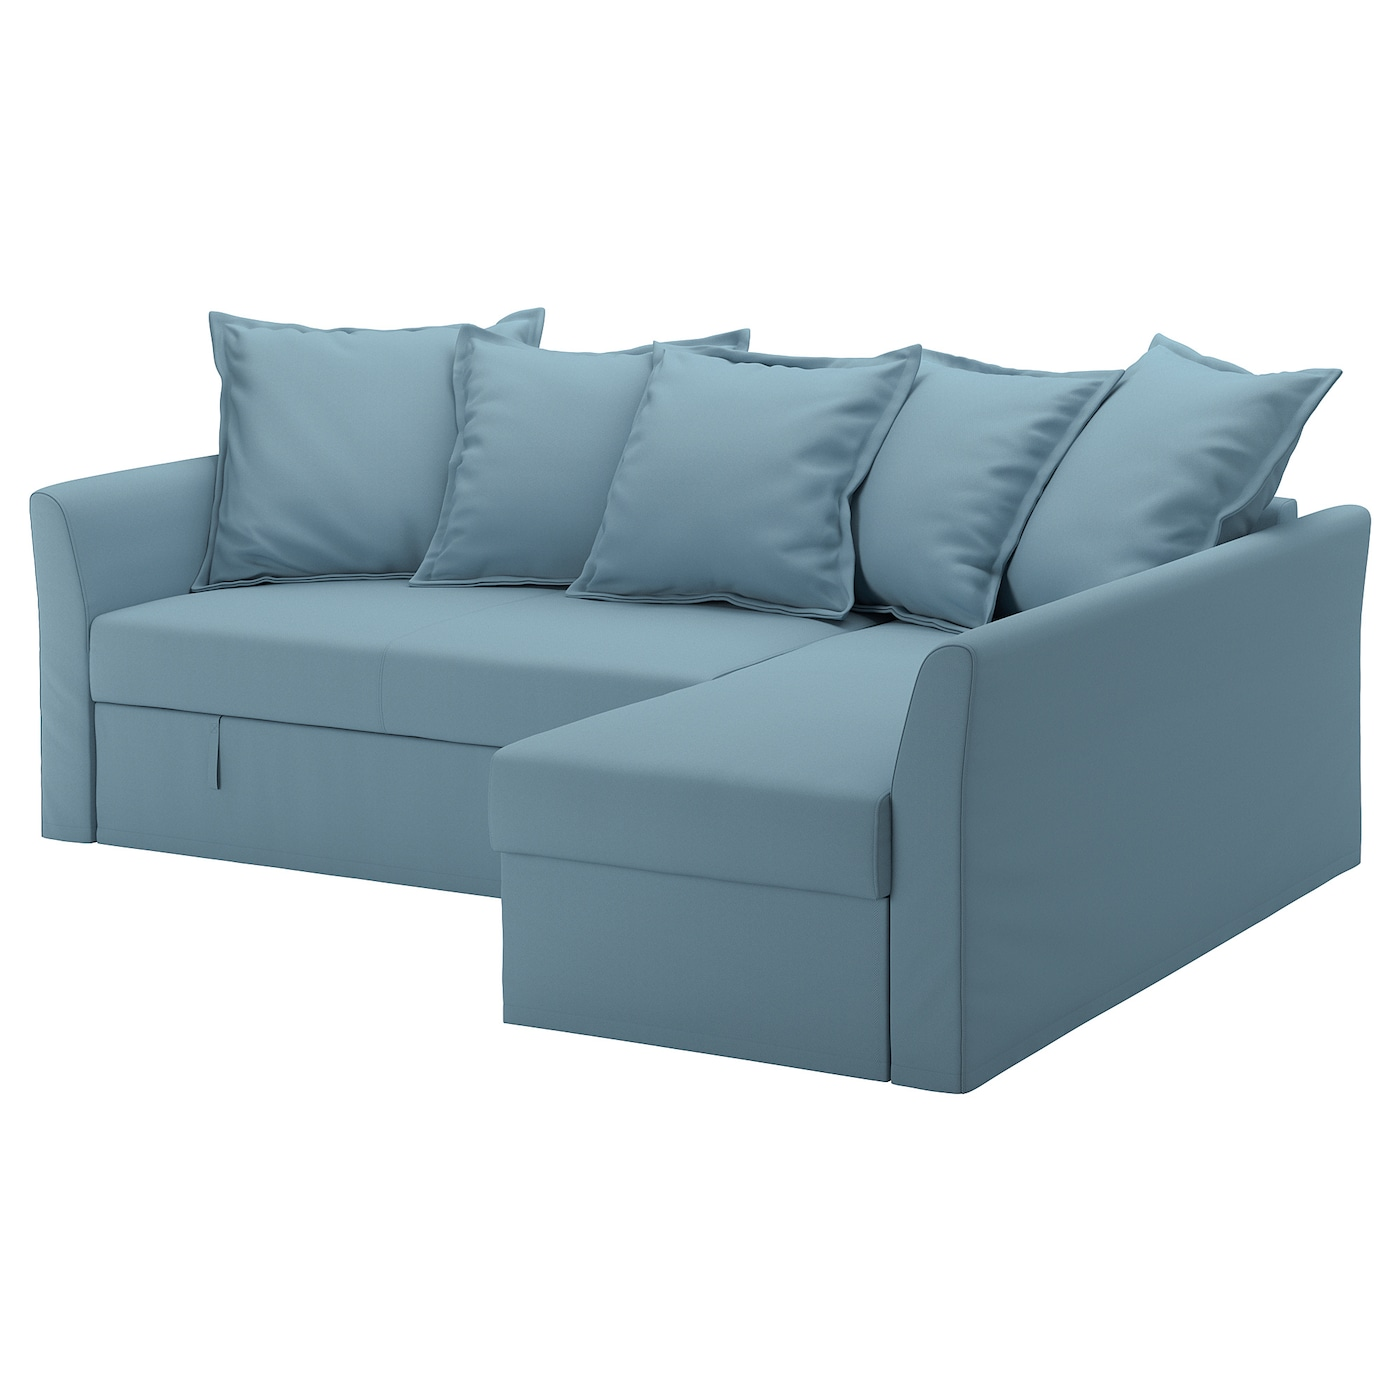 Images Of Corner Sofas: HOLMSUND Corner Sofa-bed Gräsbo Light Blue